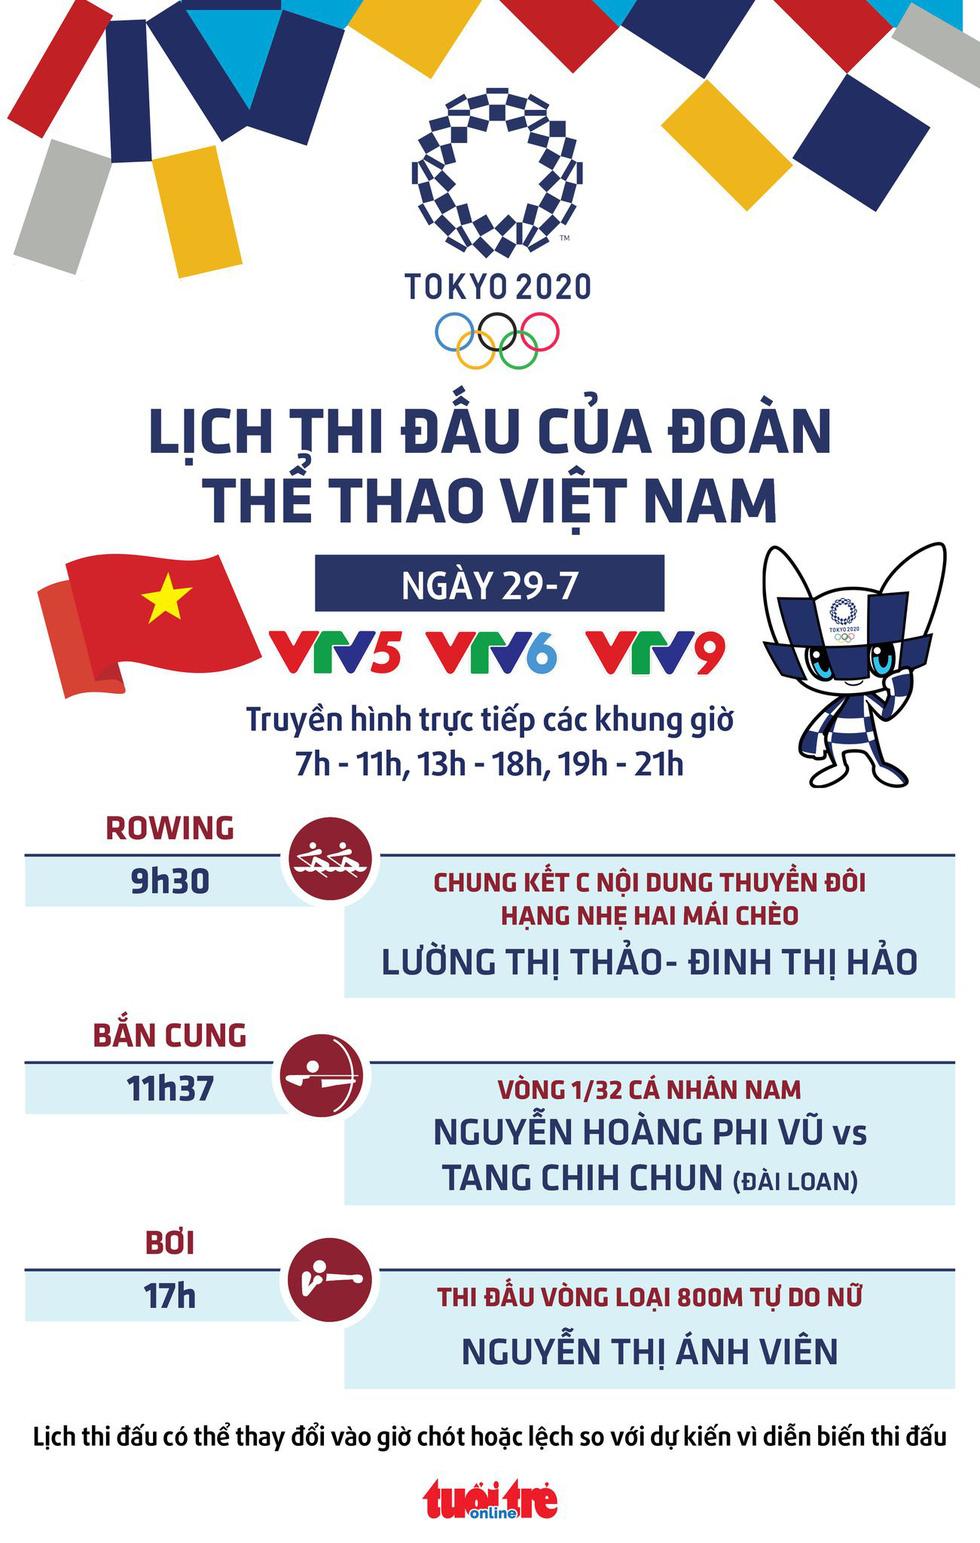 Lịch thi đấu ngày 29-7 của đoàn thể thao Việt Nam tại Olympic 2020: Ánh Viên đấu nội dung cuối - Ảnh 1.